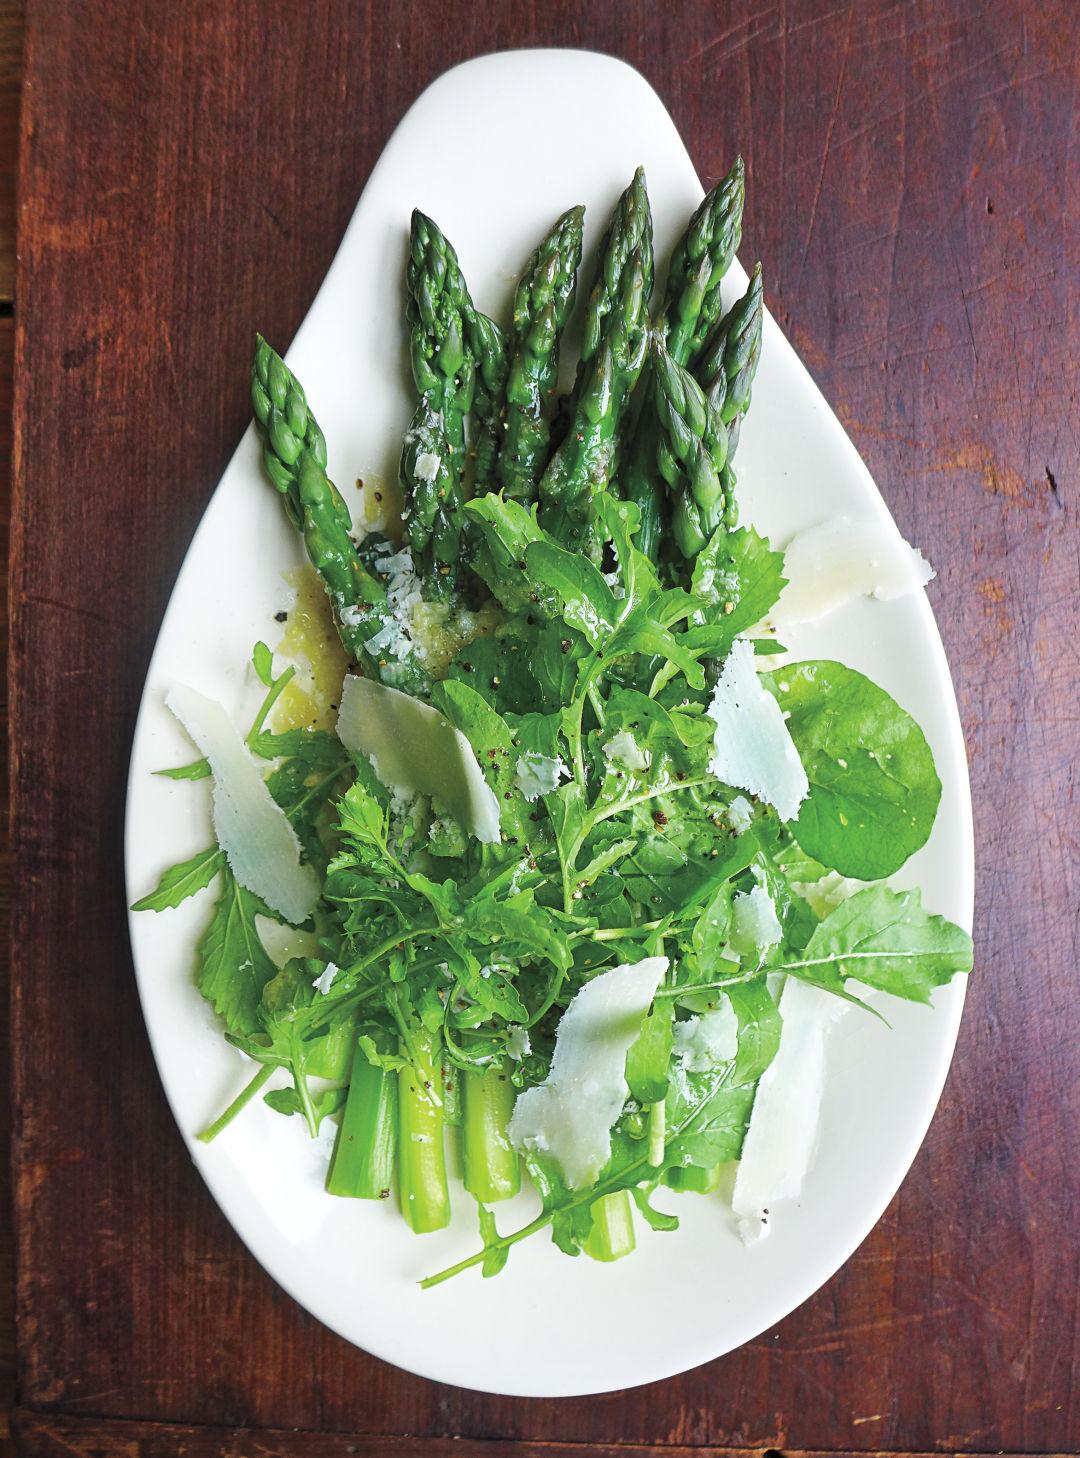 Fivewaystocookasparagus p079 ctmmno